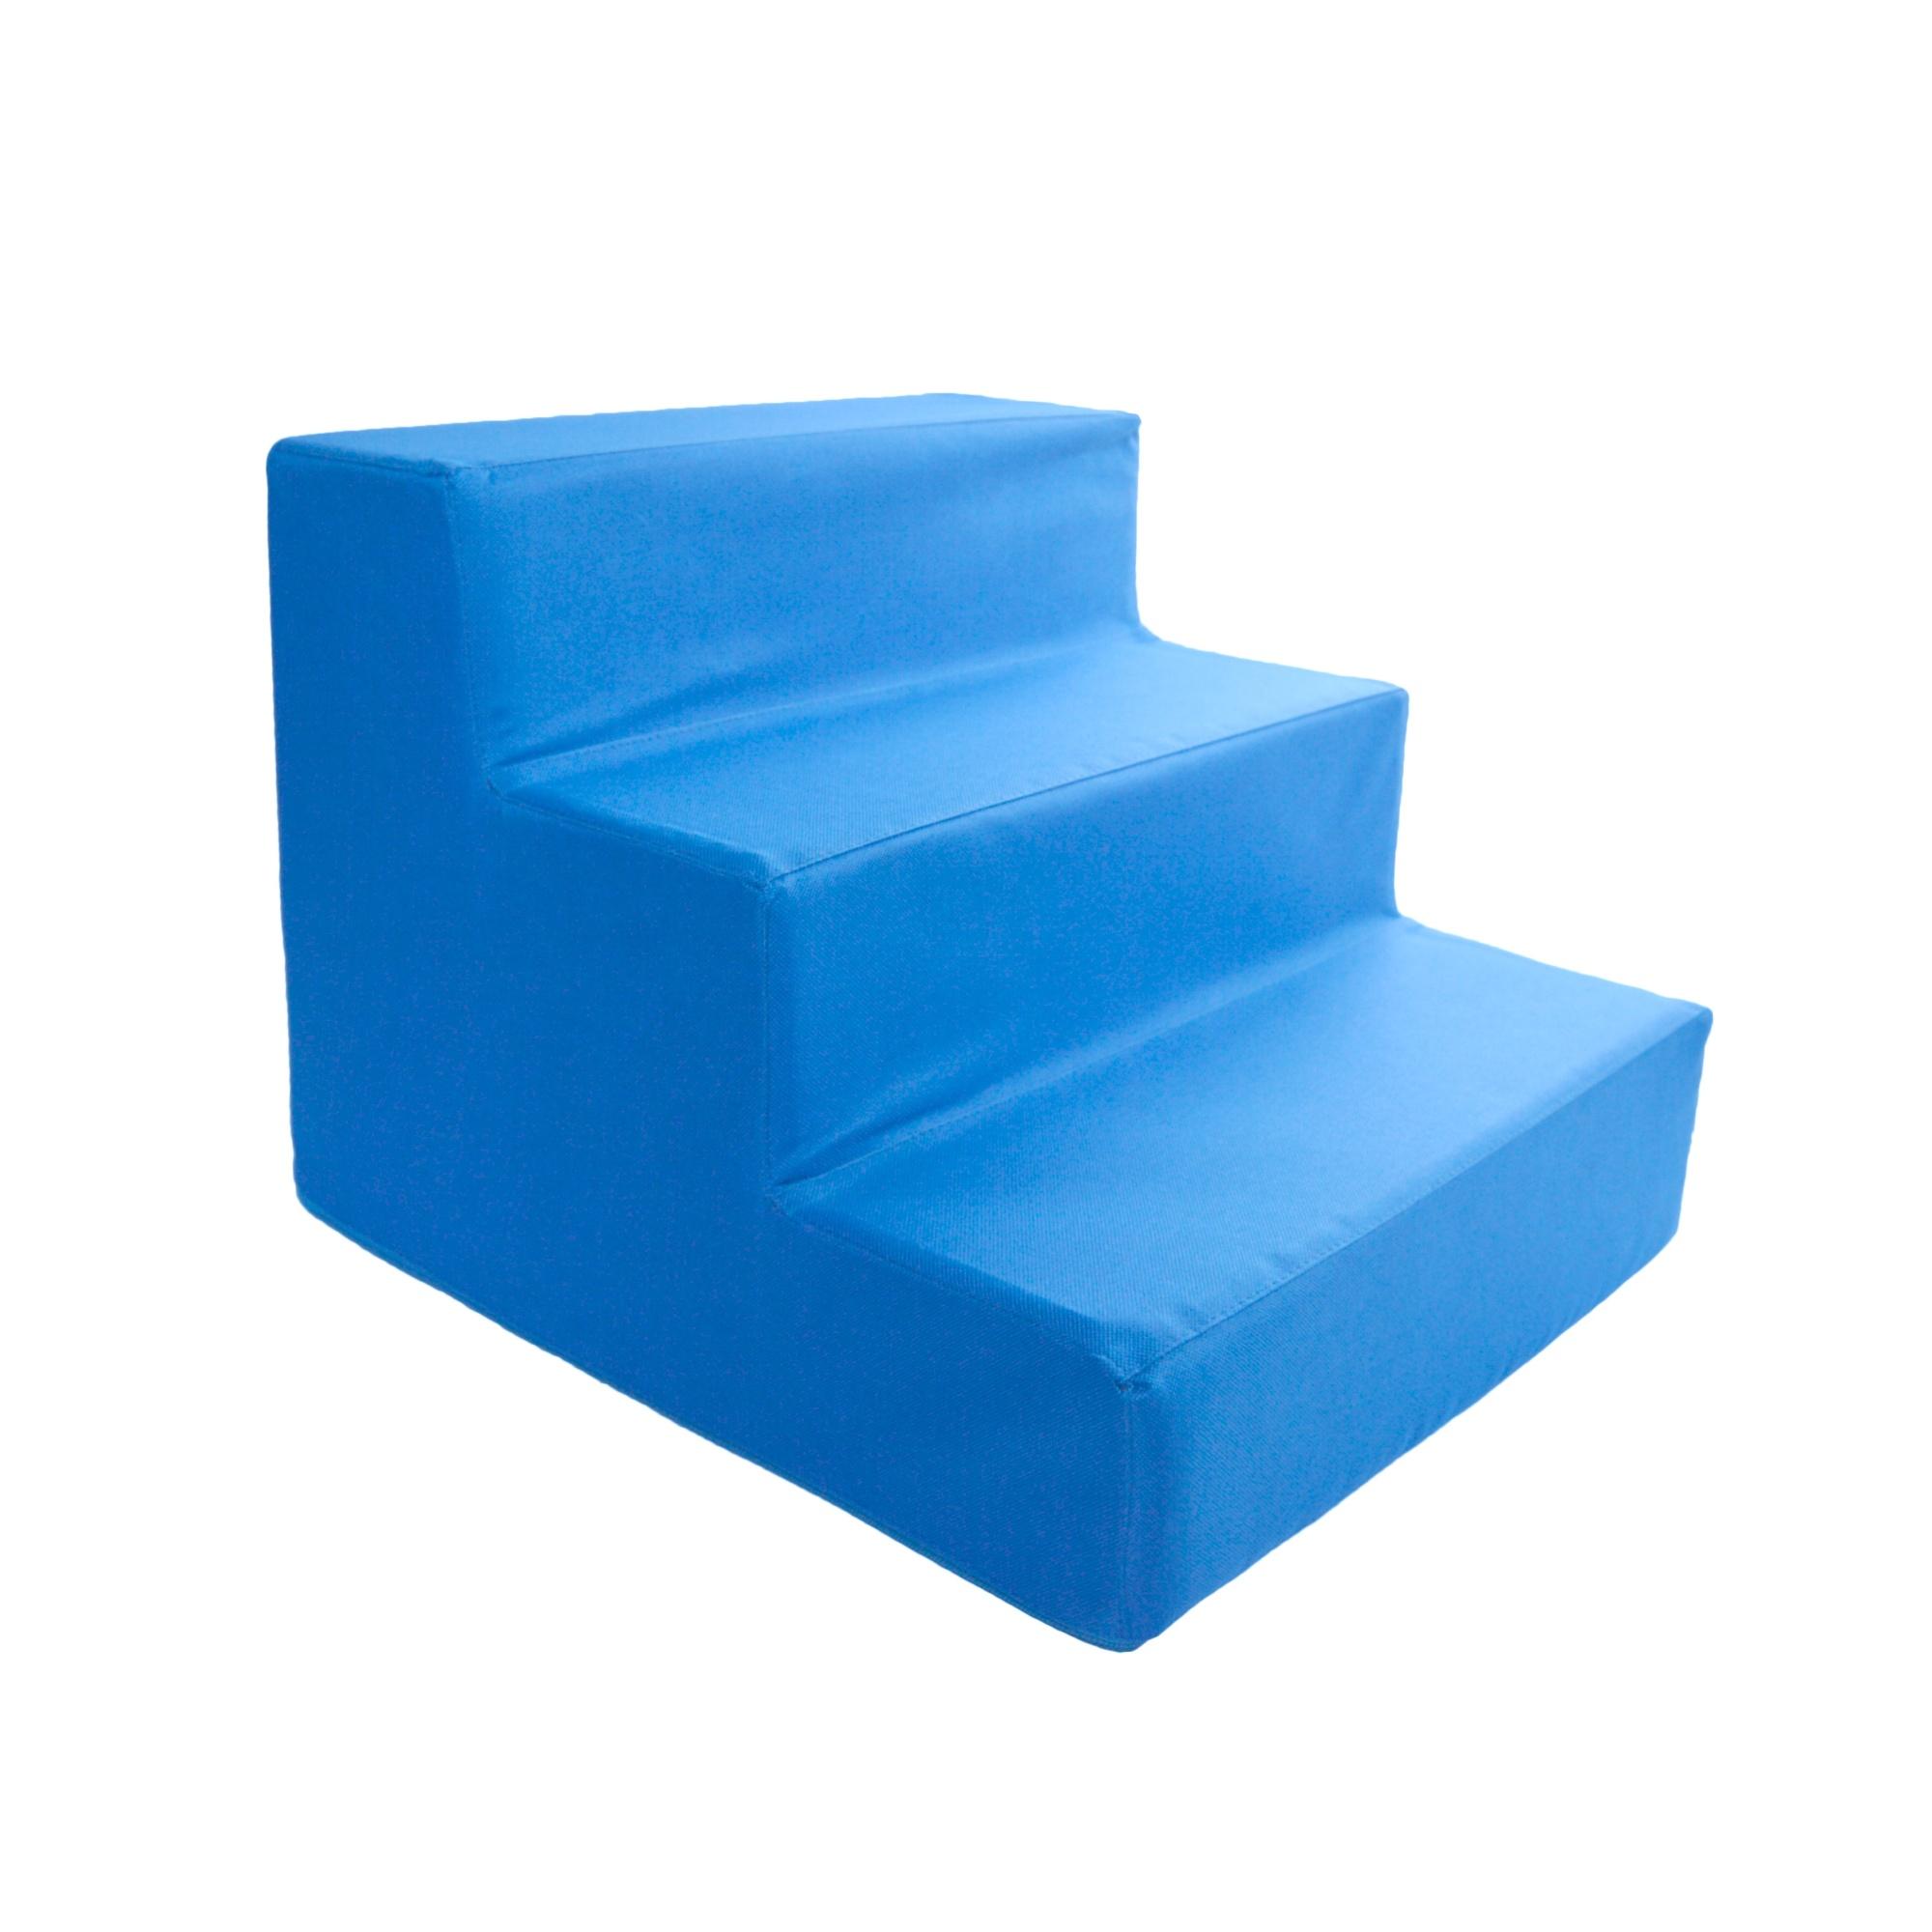 Schody pro psy, no. 2, modré, 2 velké